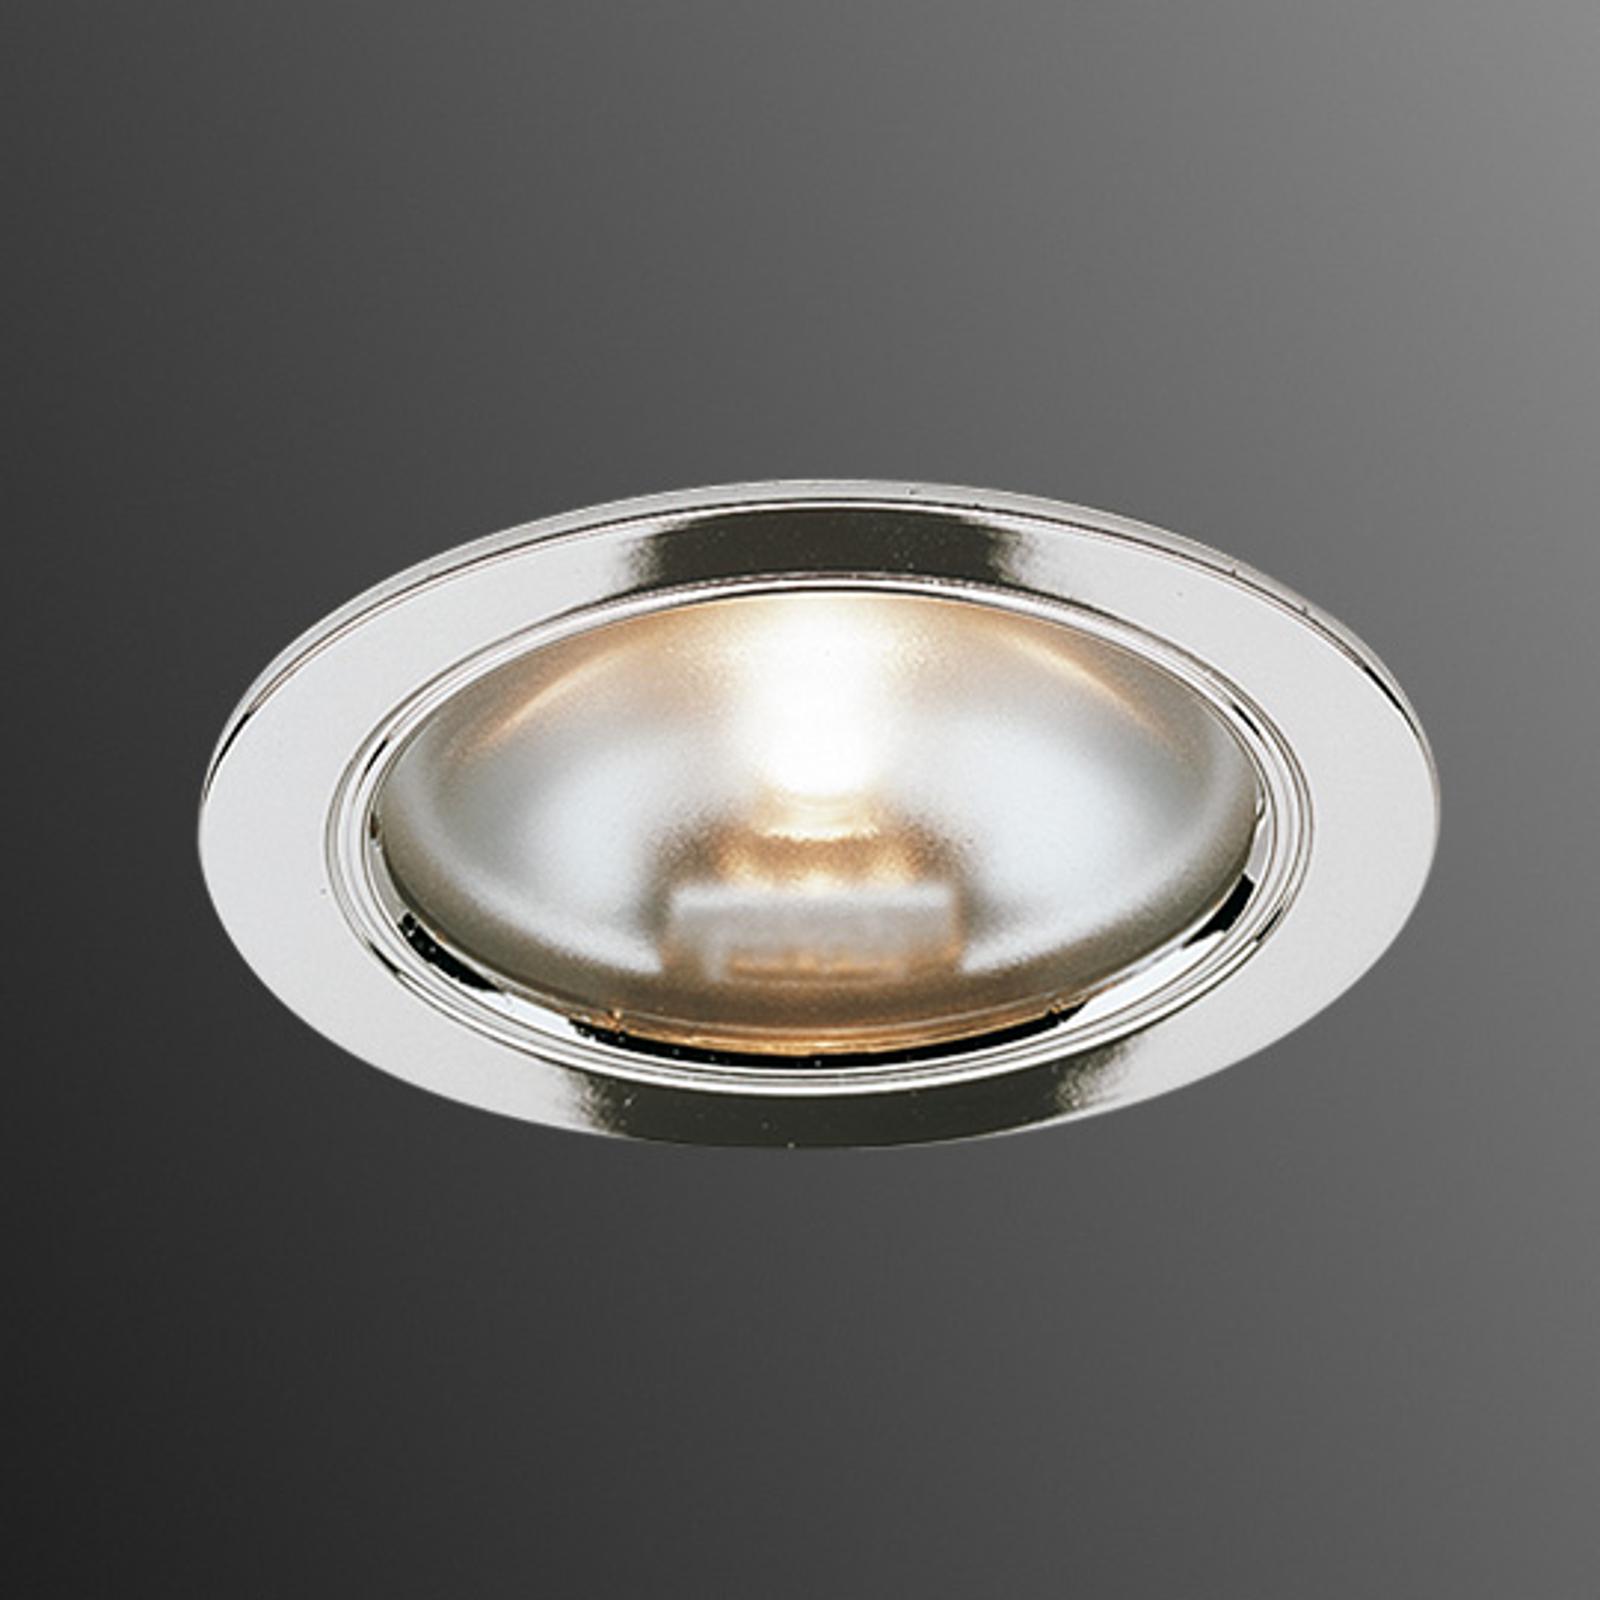 Produktové foto HERA KB 12 halogenové podhledové světlo, chrom